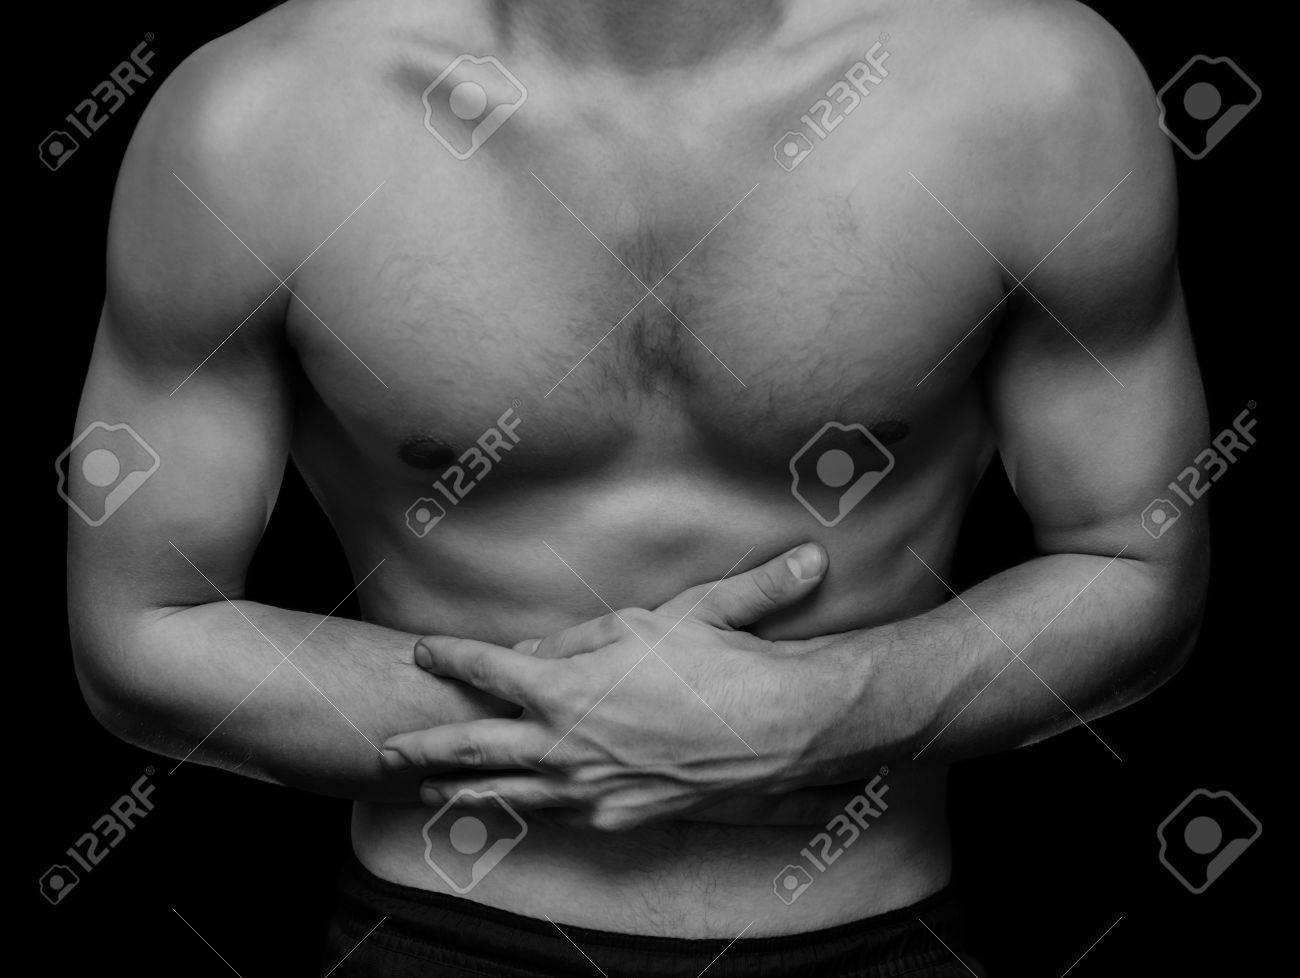 Bauch seite schmerzen mann rechte Brustschmerzen rechts